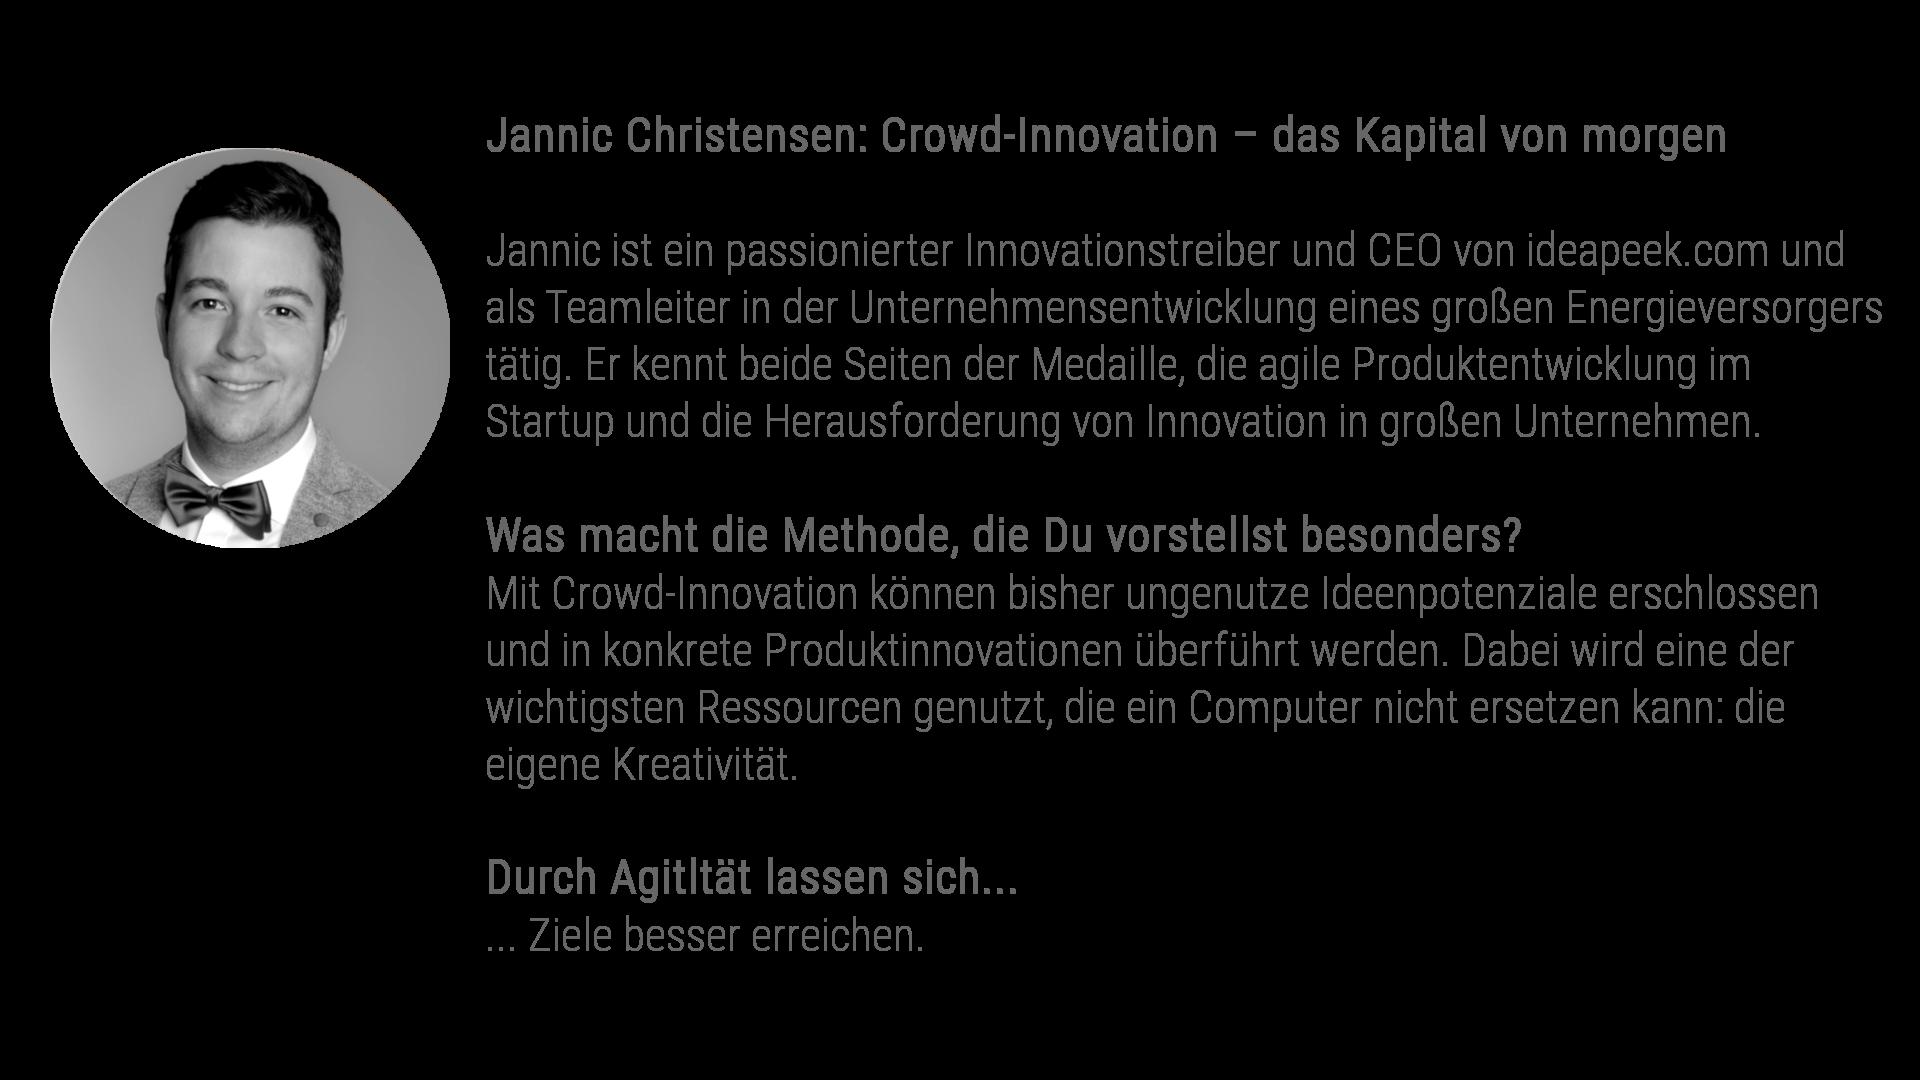 Jannic Christensen: Crowd-Innovation – das Kapital von morgen Jannic ist ein passionierter Innovationstreiber und CEO von ideapeek.com und als Teamleiter in der Unternehmensentwicklung eines großen Energieversorgers tätig. Er kennt beide Seiten der Medaille, die agile Produktentwicklung im Startup und die Herausforderung von Innovation in großen Unternehmen. Was macht die Methode, die Du vorstellst besonders? Mit Crowd-Innovation können bisher ungenutze Ideenpotenziale erschlossen und in konkrete Produktinnovationen überführt werden. Dabei wird eine der wichtigsten Ressourcen genutzt, die ein Computer nicht ersetzen kann: die eigene Kreativität. Durch Agitltät lassen sich... ... Ziele besser erreichen.